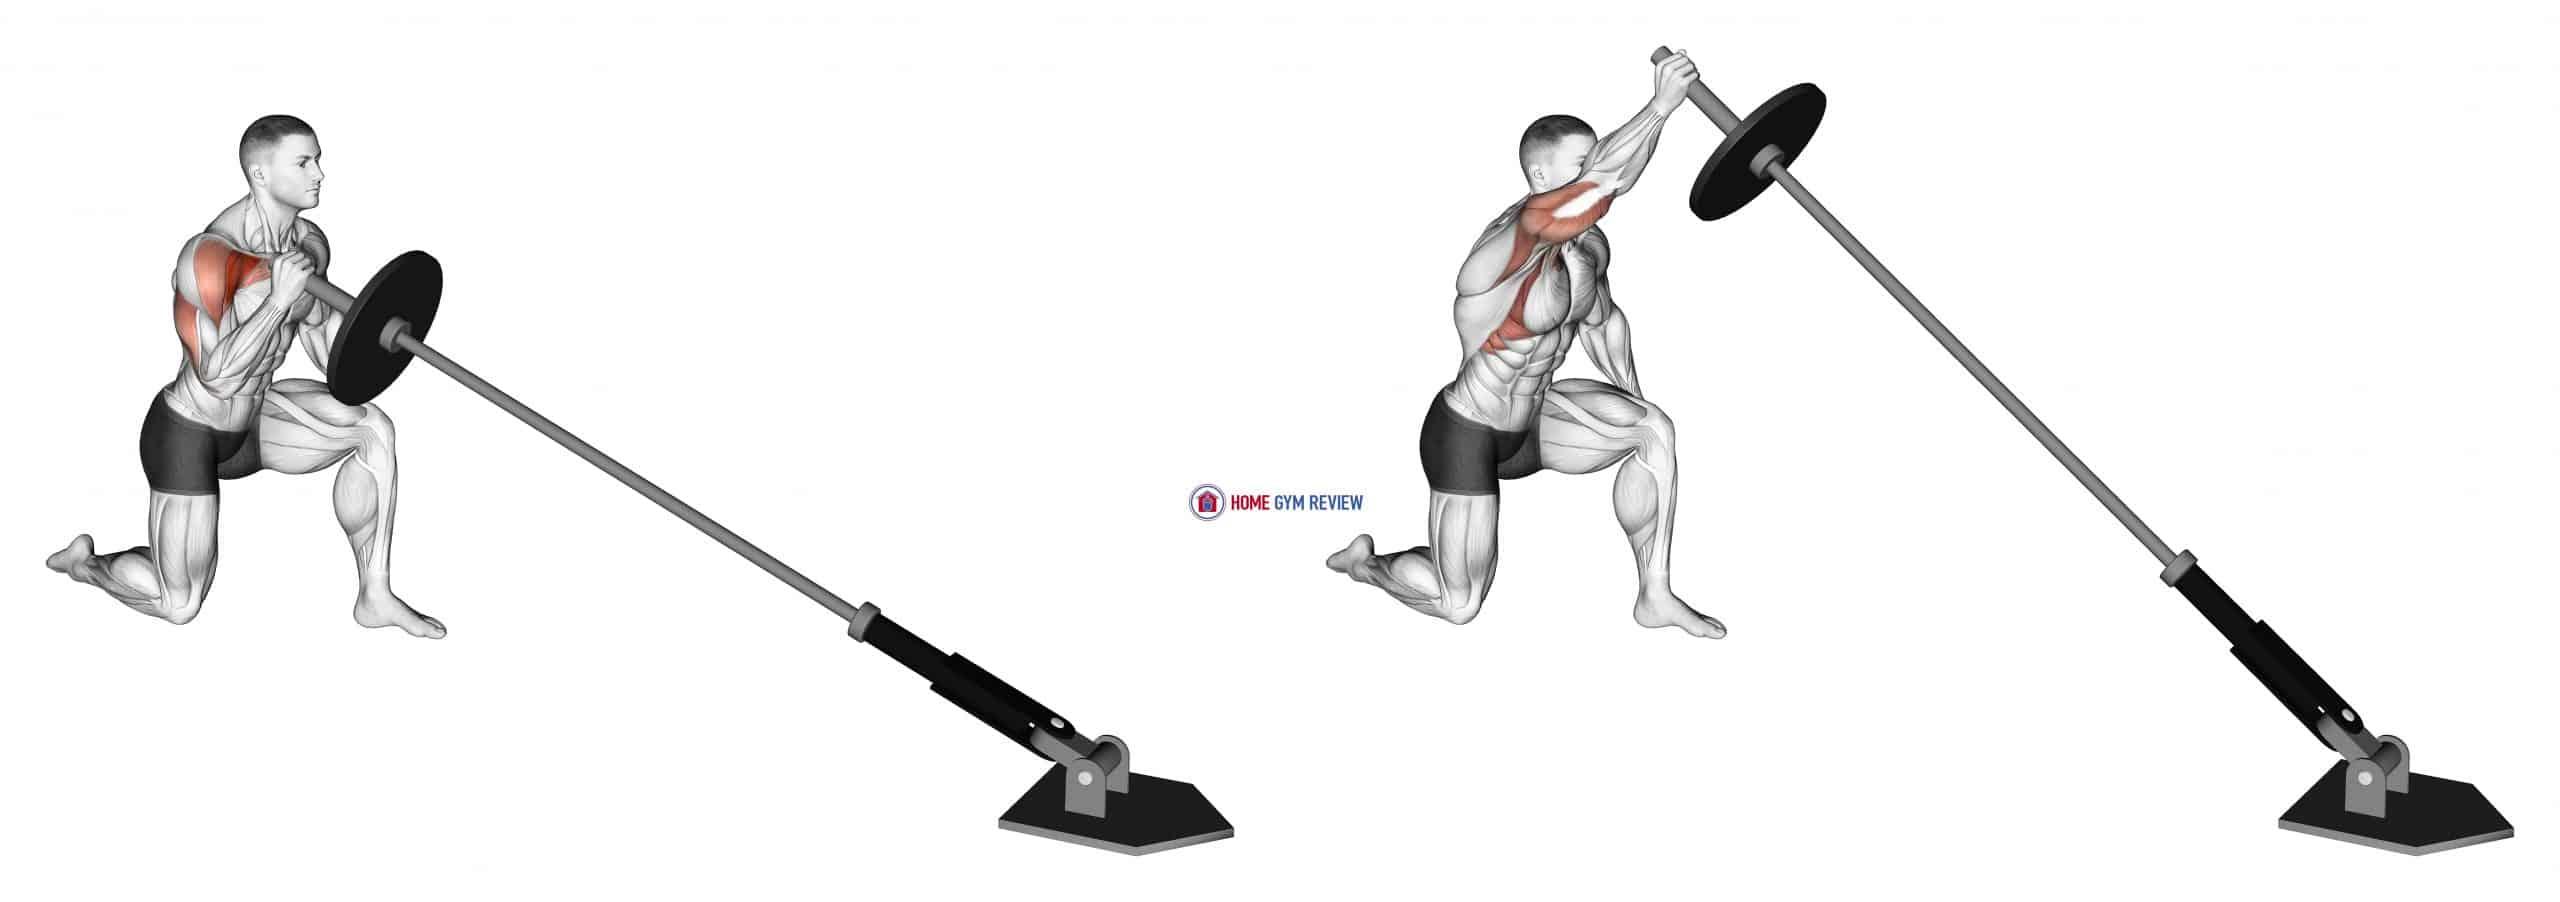 Landmine Kneeling One Arm Shoulder Press